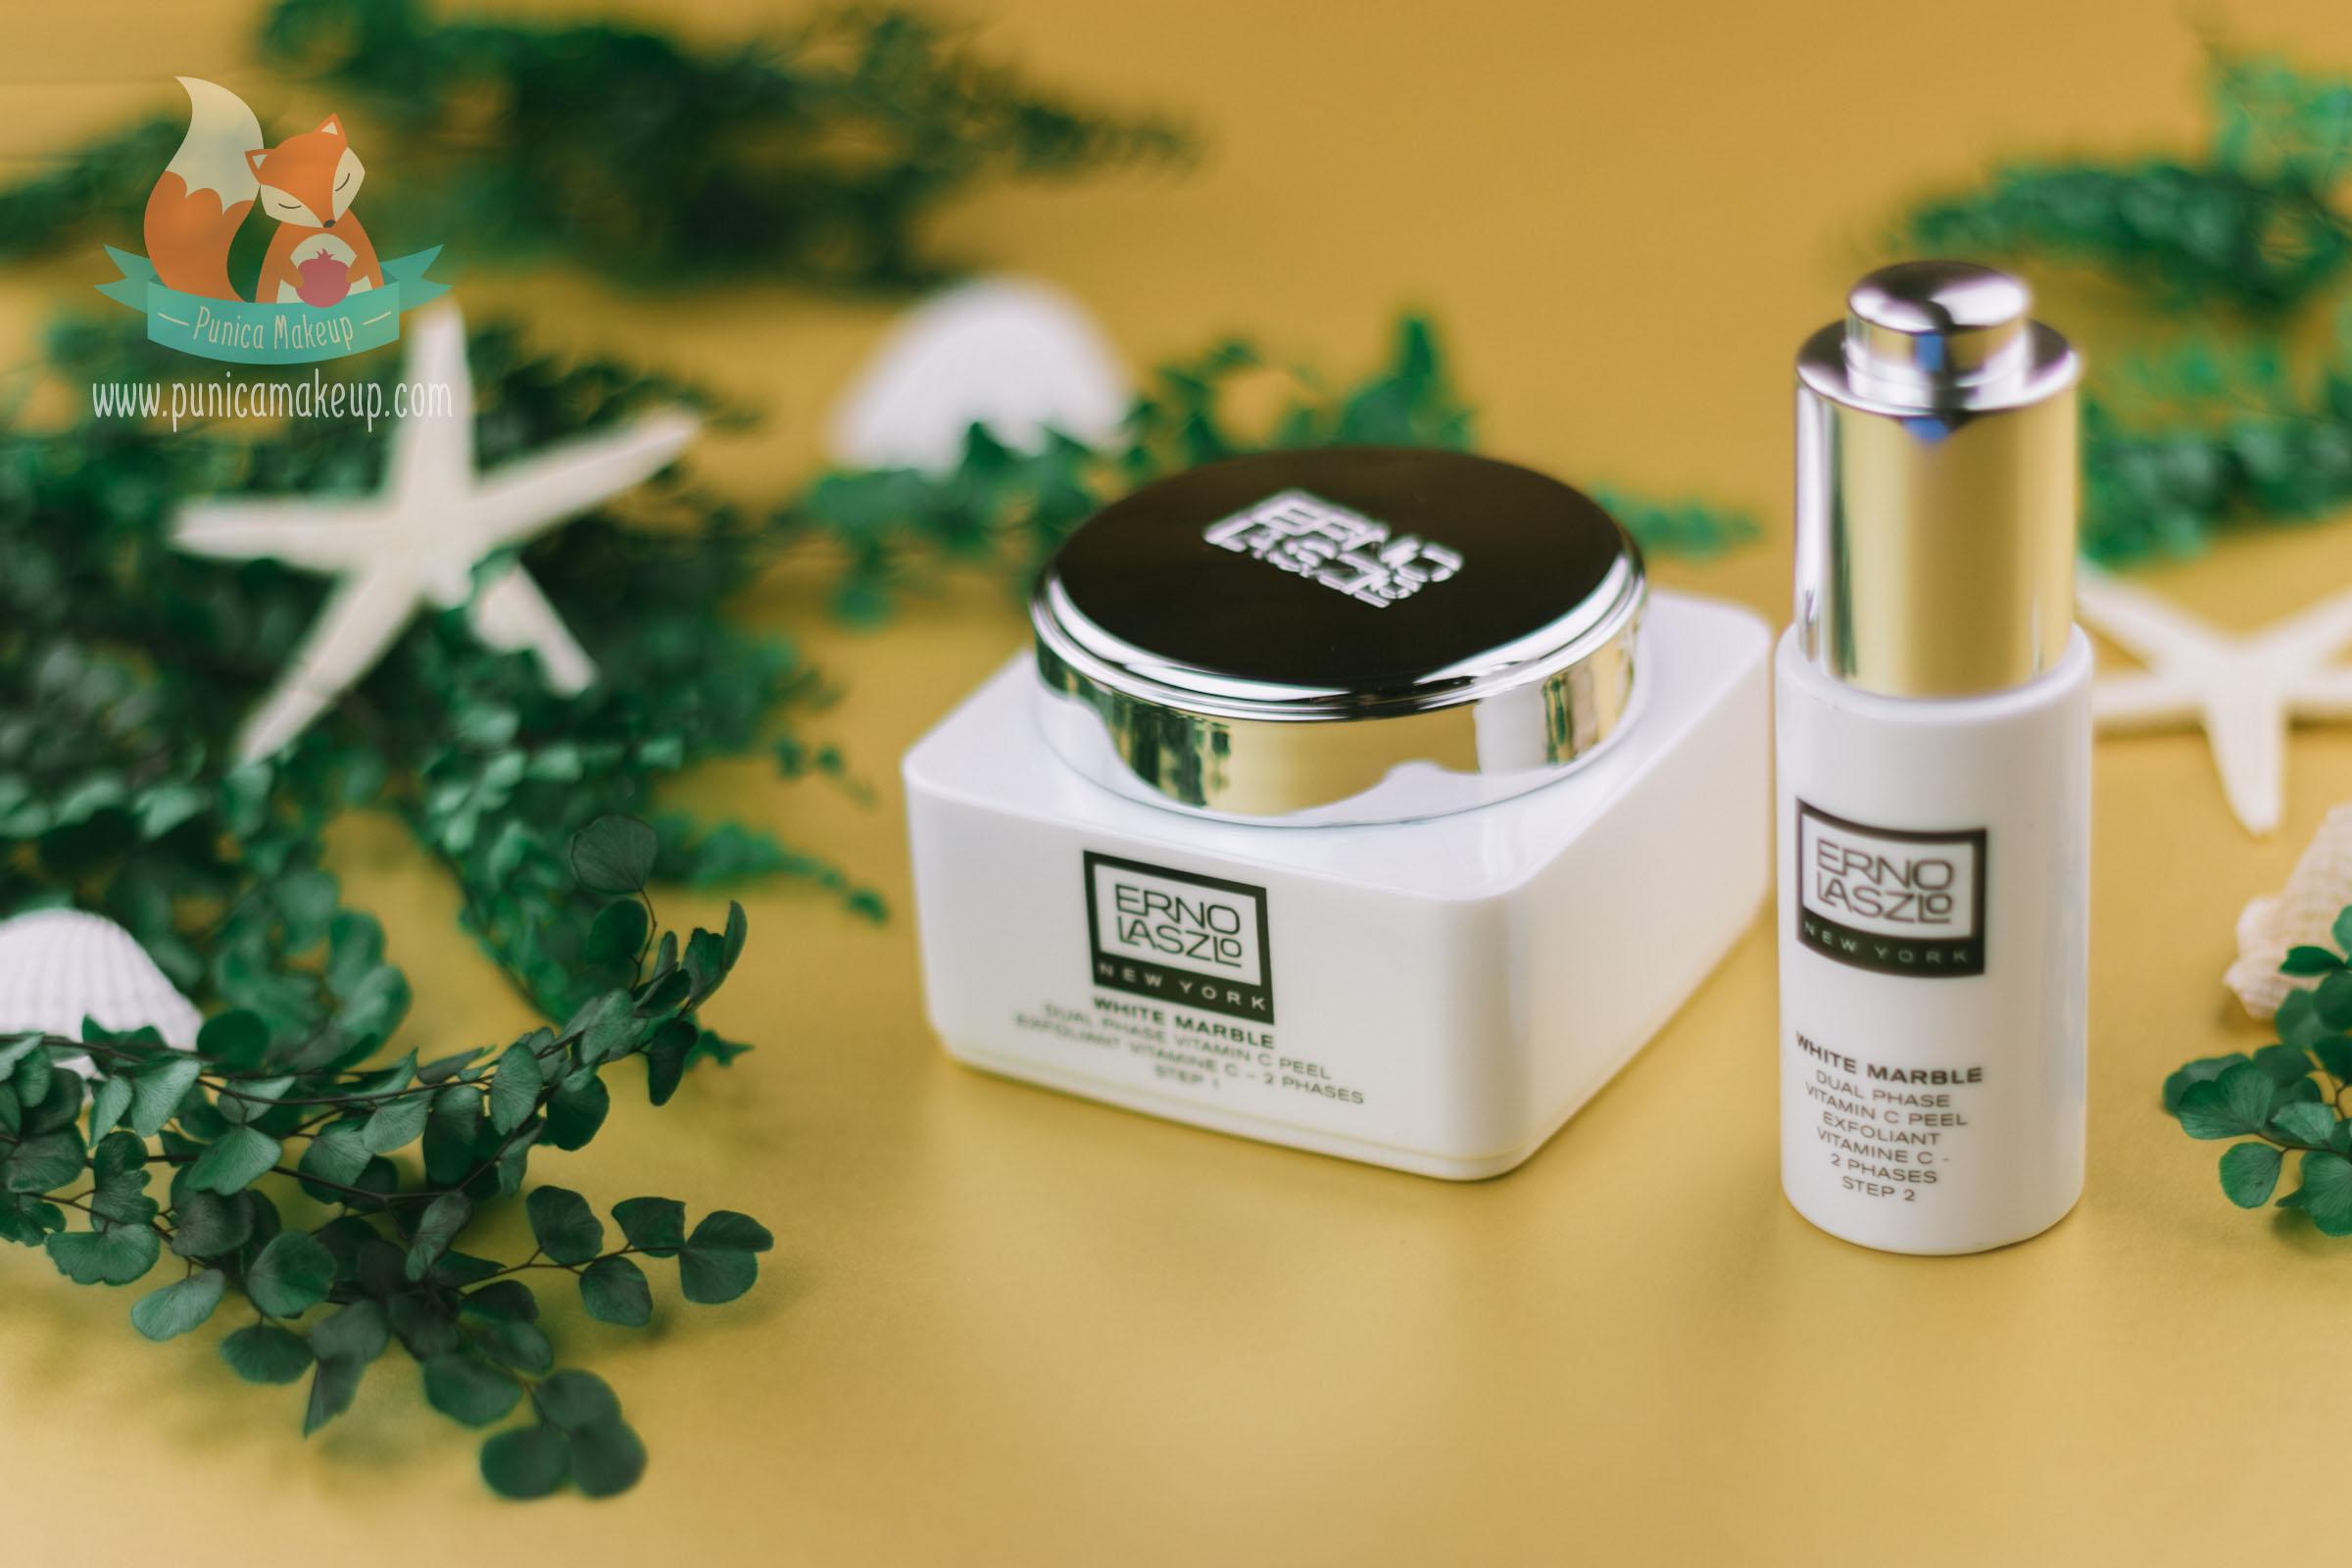 Review Erno Laszlo White Marble Dual Phase Vitamin C Peel